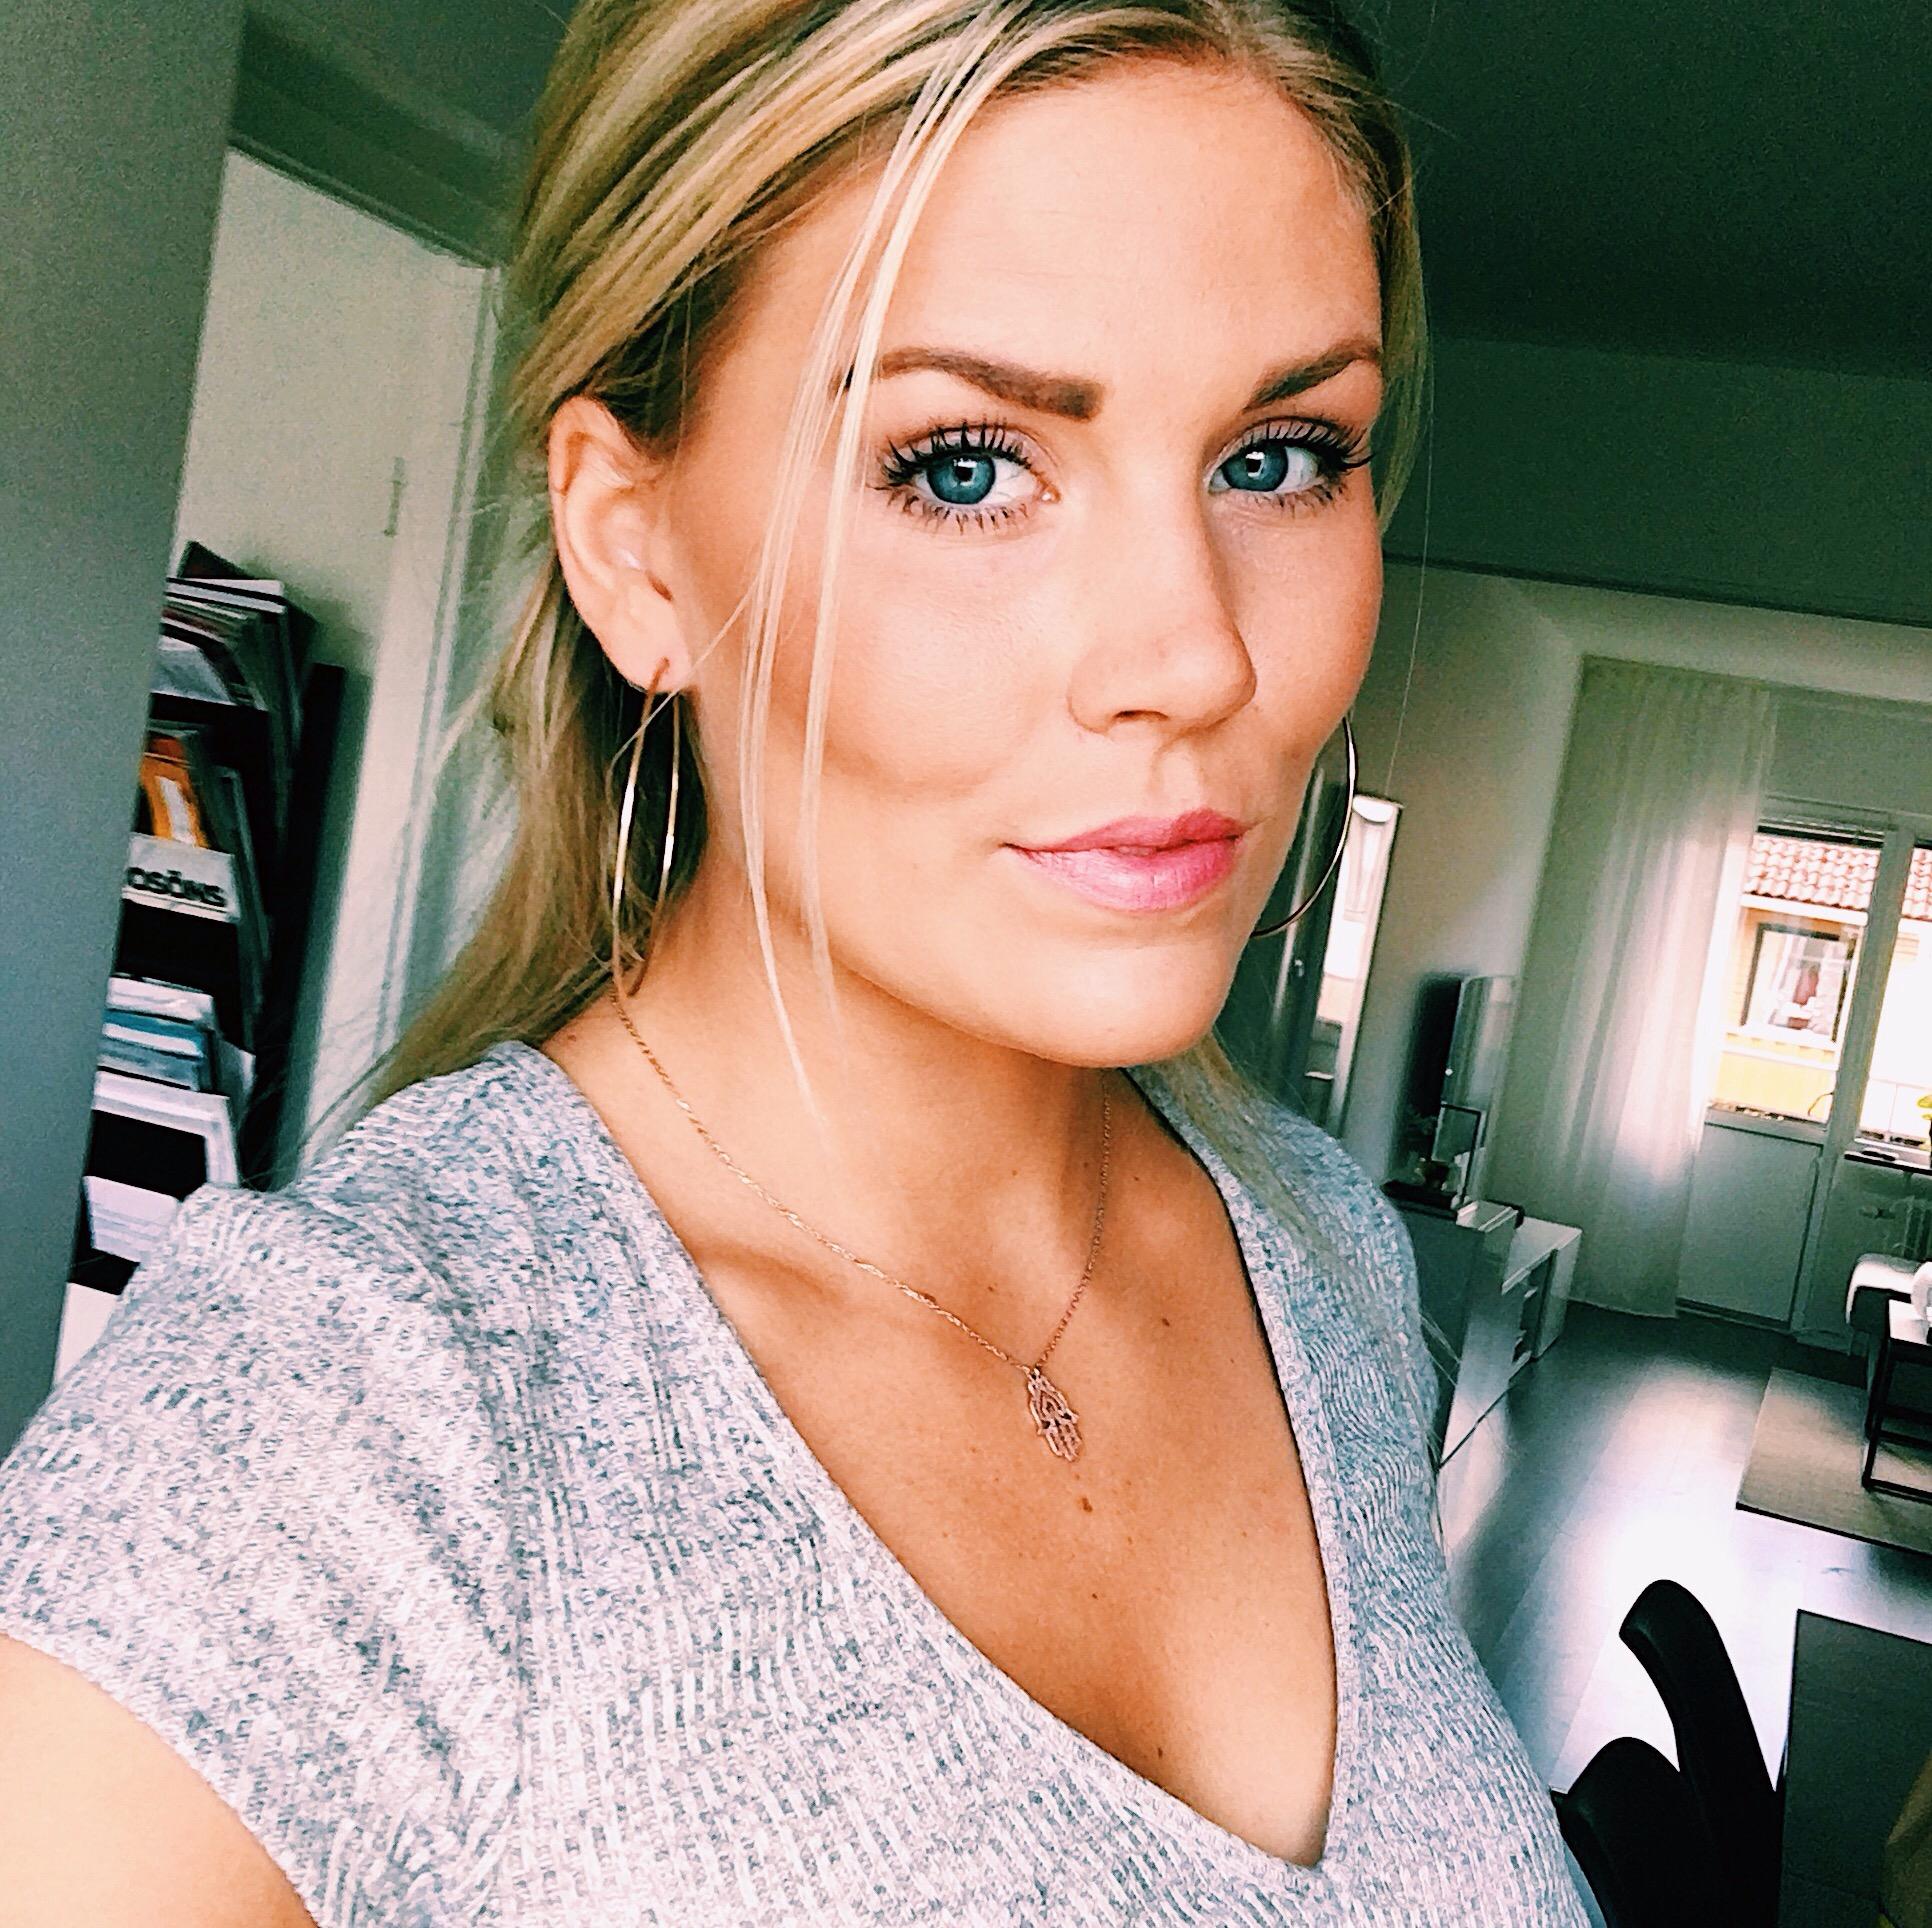 ekologiskt smink - maria åkerberg